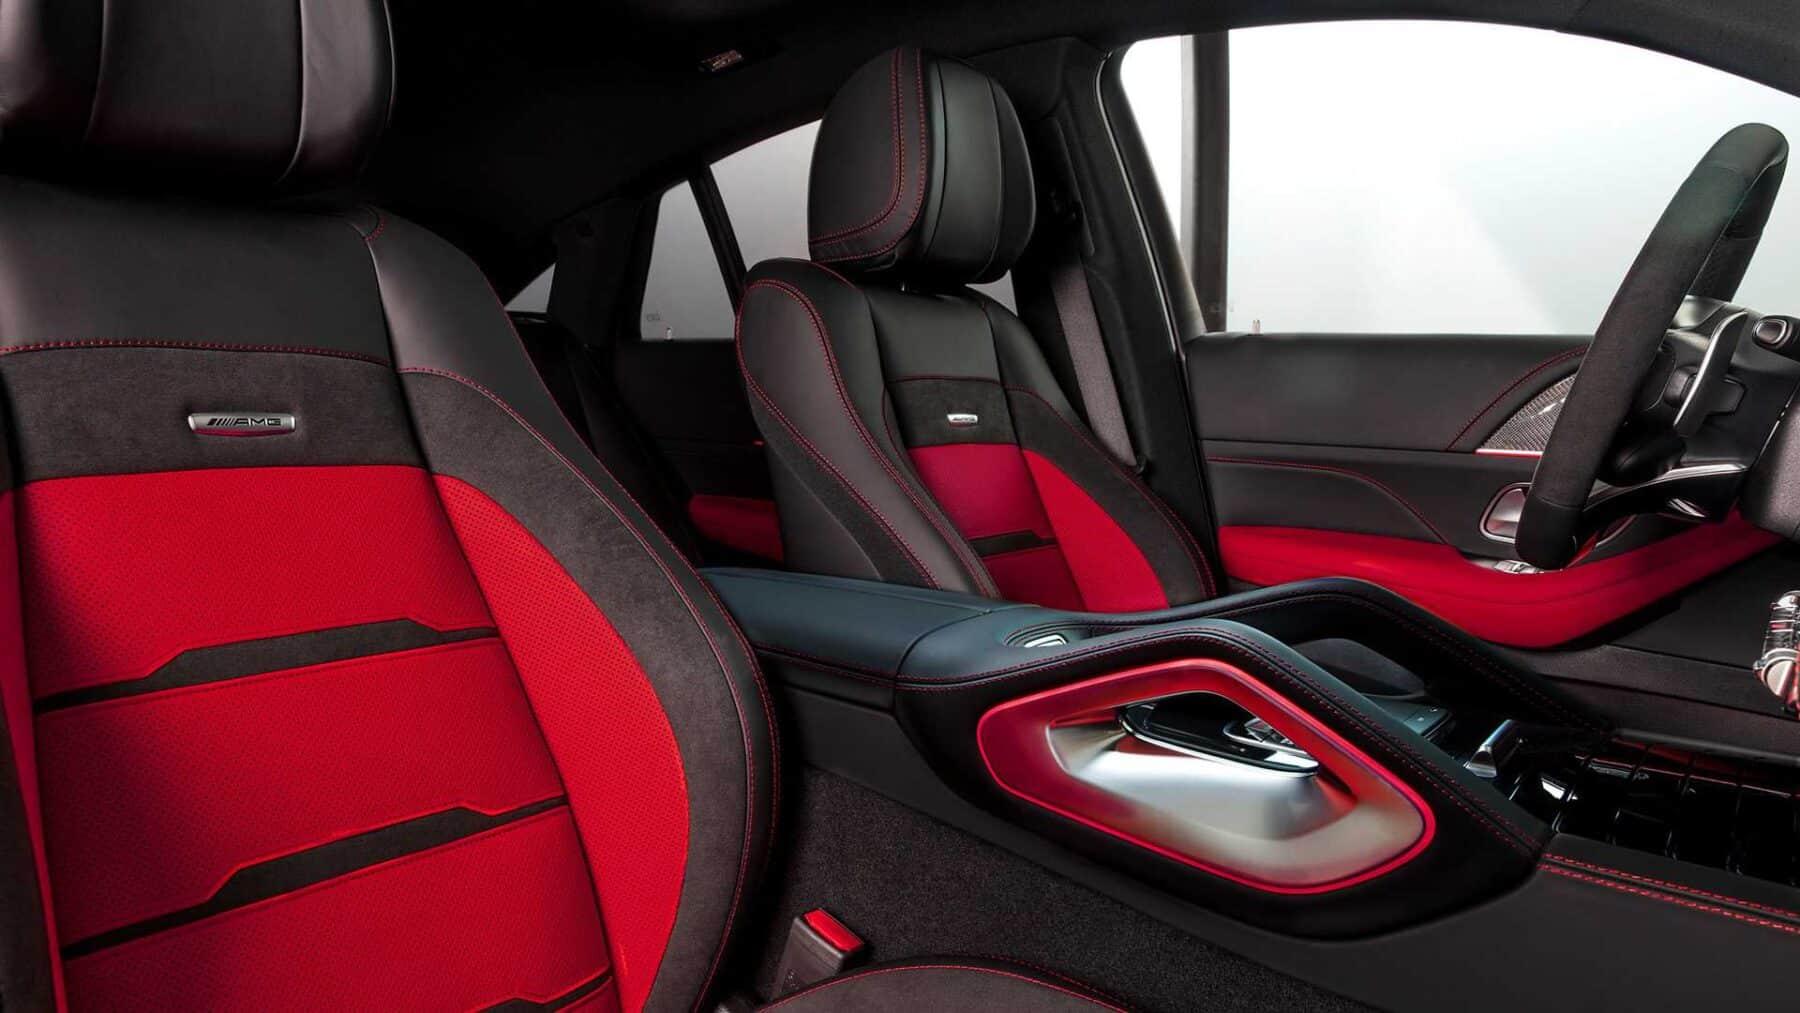 Ya Puedes Pedir El Mercedes Benz Gle Coupe 2020 Precios Mecanicas Y Equipamiento